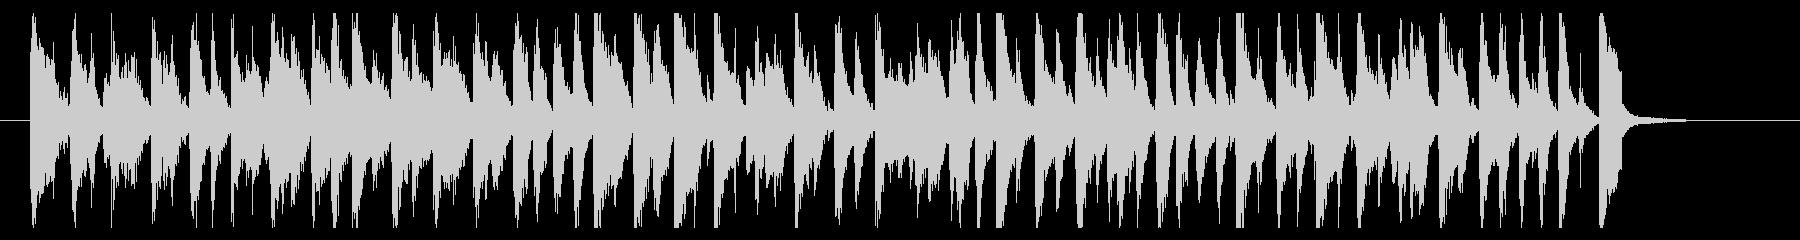 うきうきわくわくピアノポップの未再生の波形